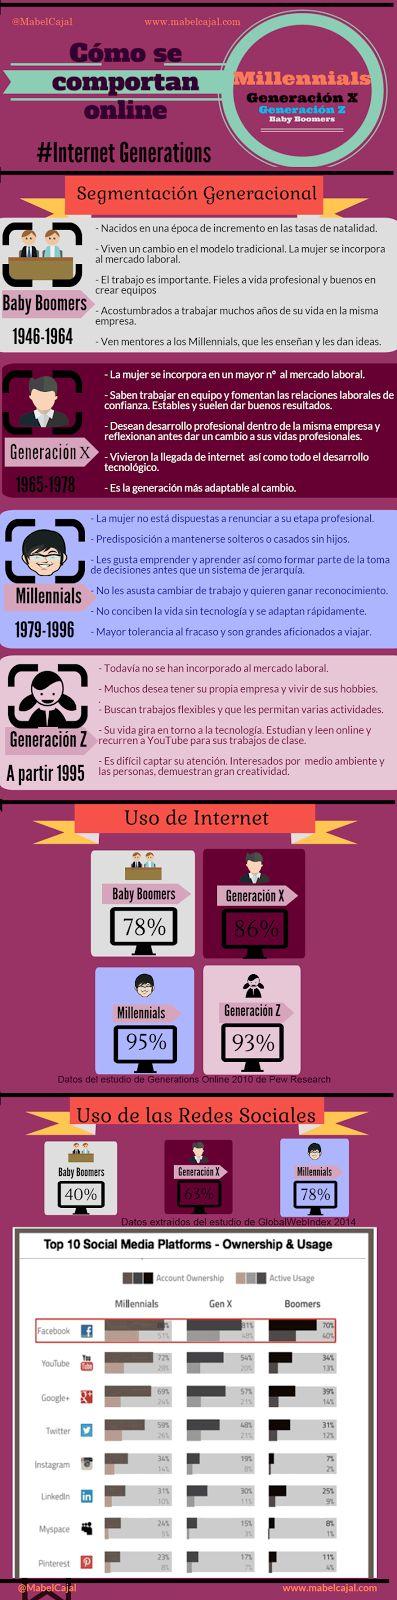 Mabel Cajal - Turismo y Ocio 2.0Como se comportan en Internet las generaciones